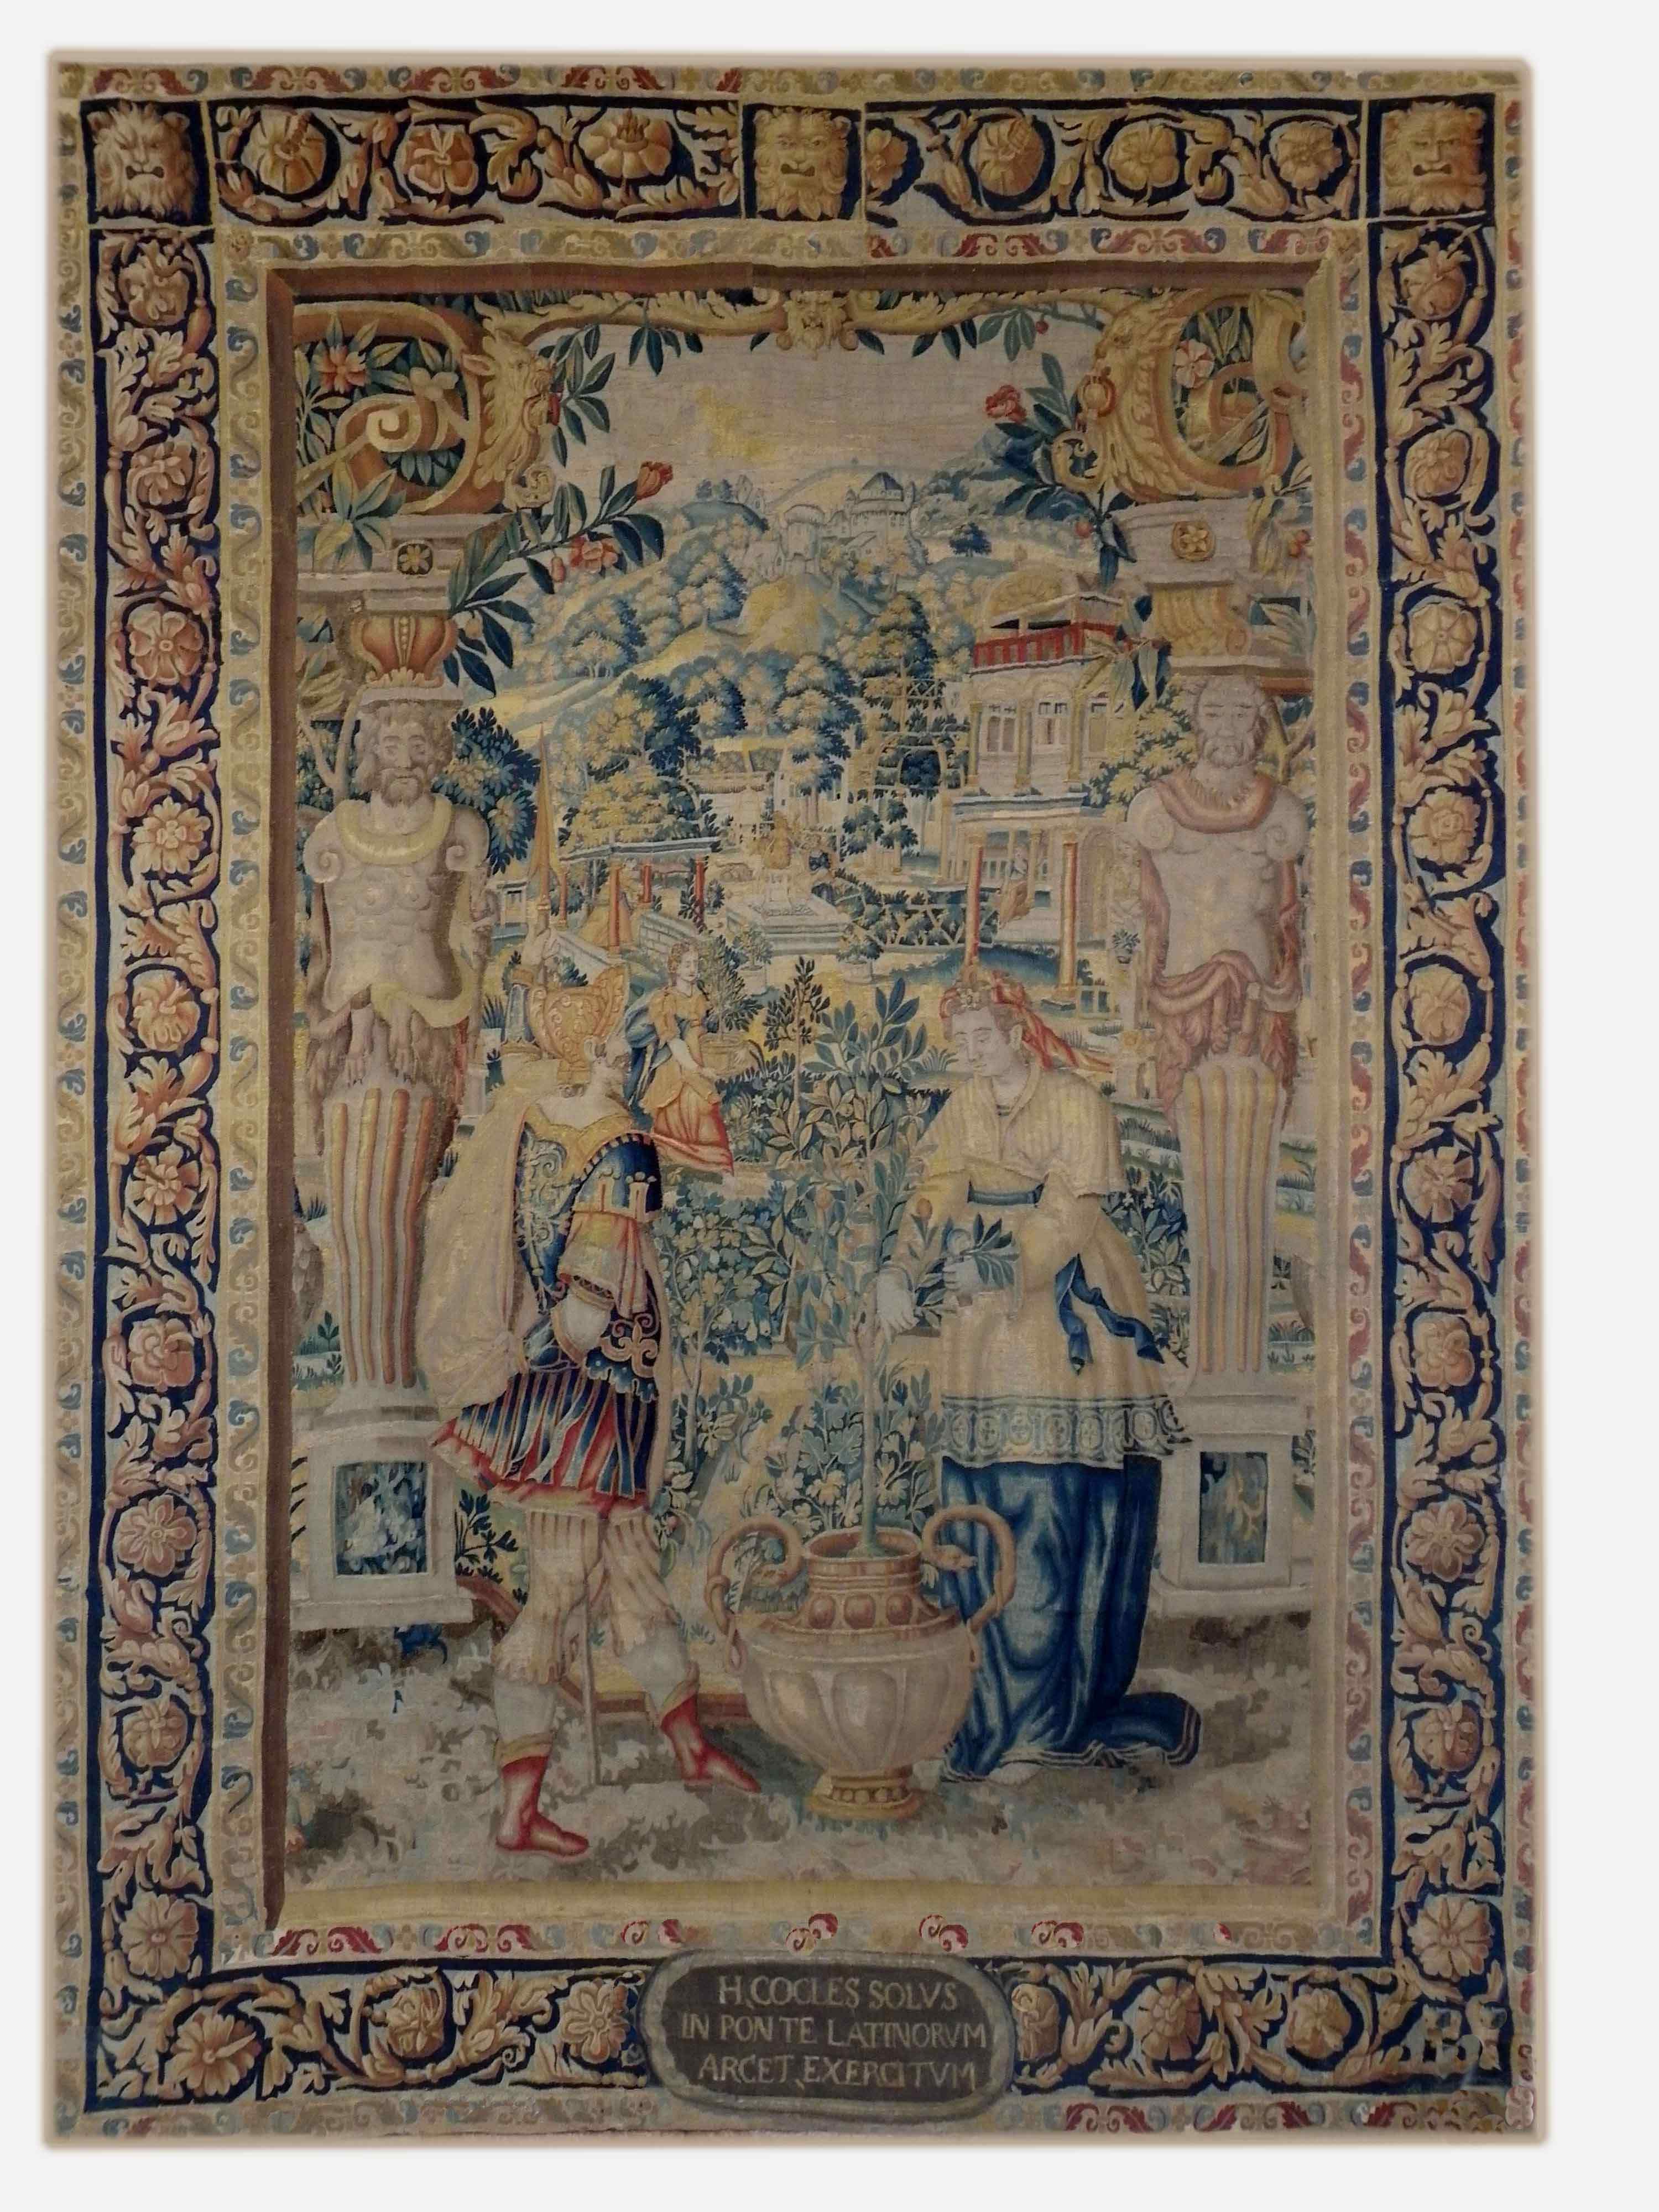 Tapestry of Brussels XVI - La Tenture de Vertumne and Pom